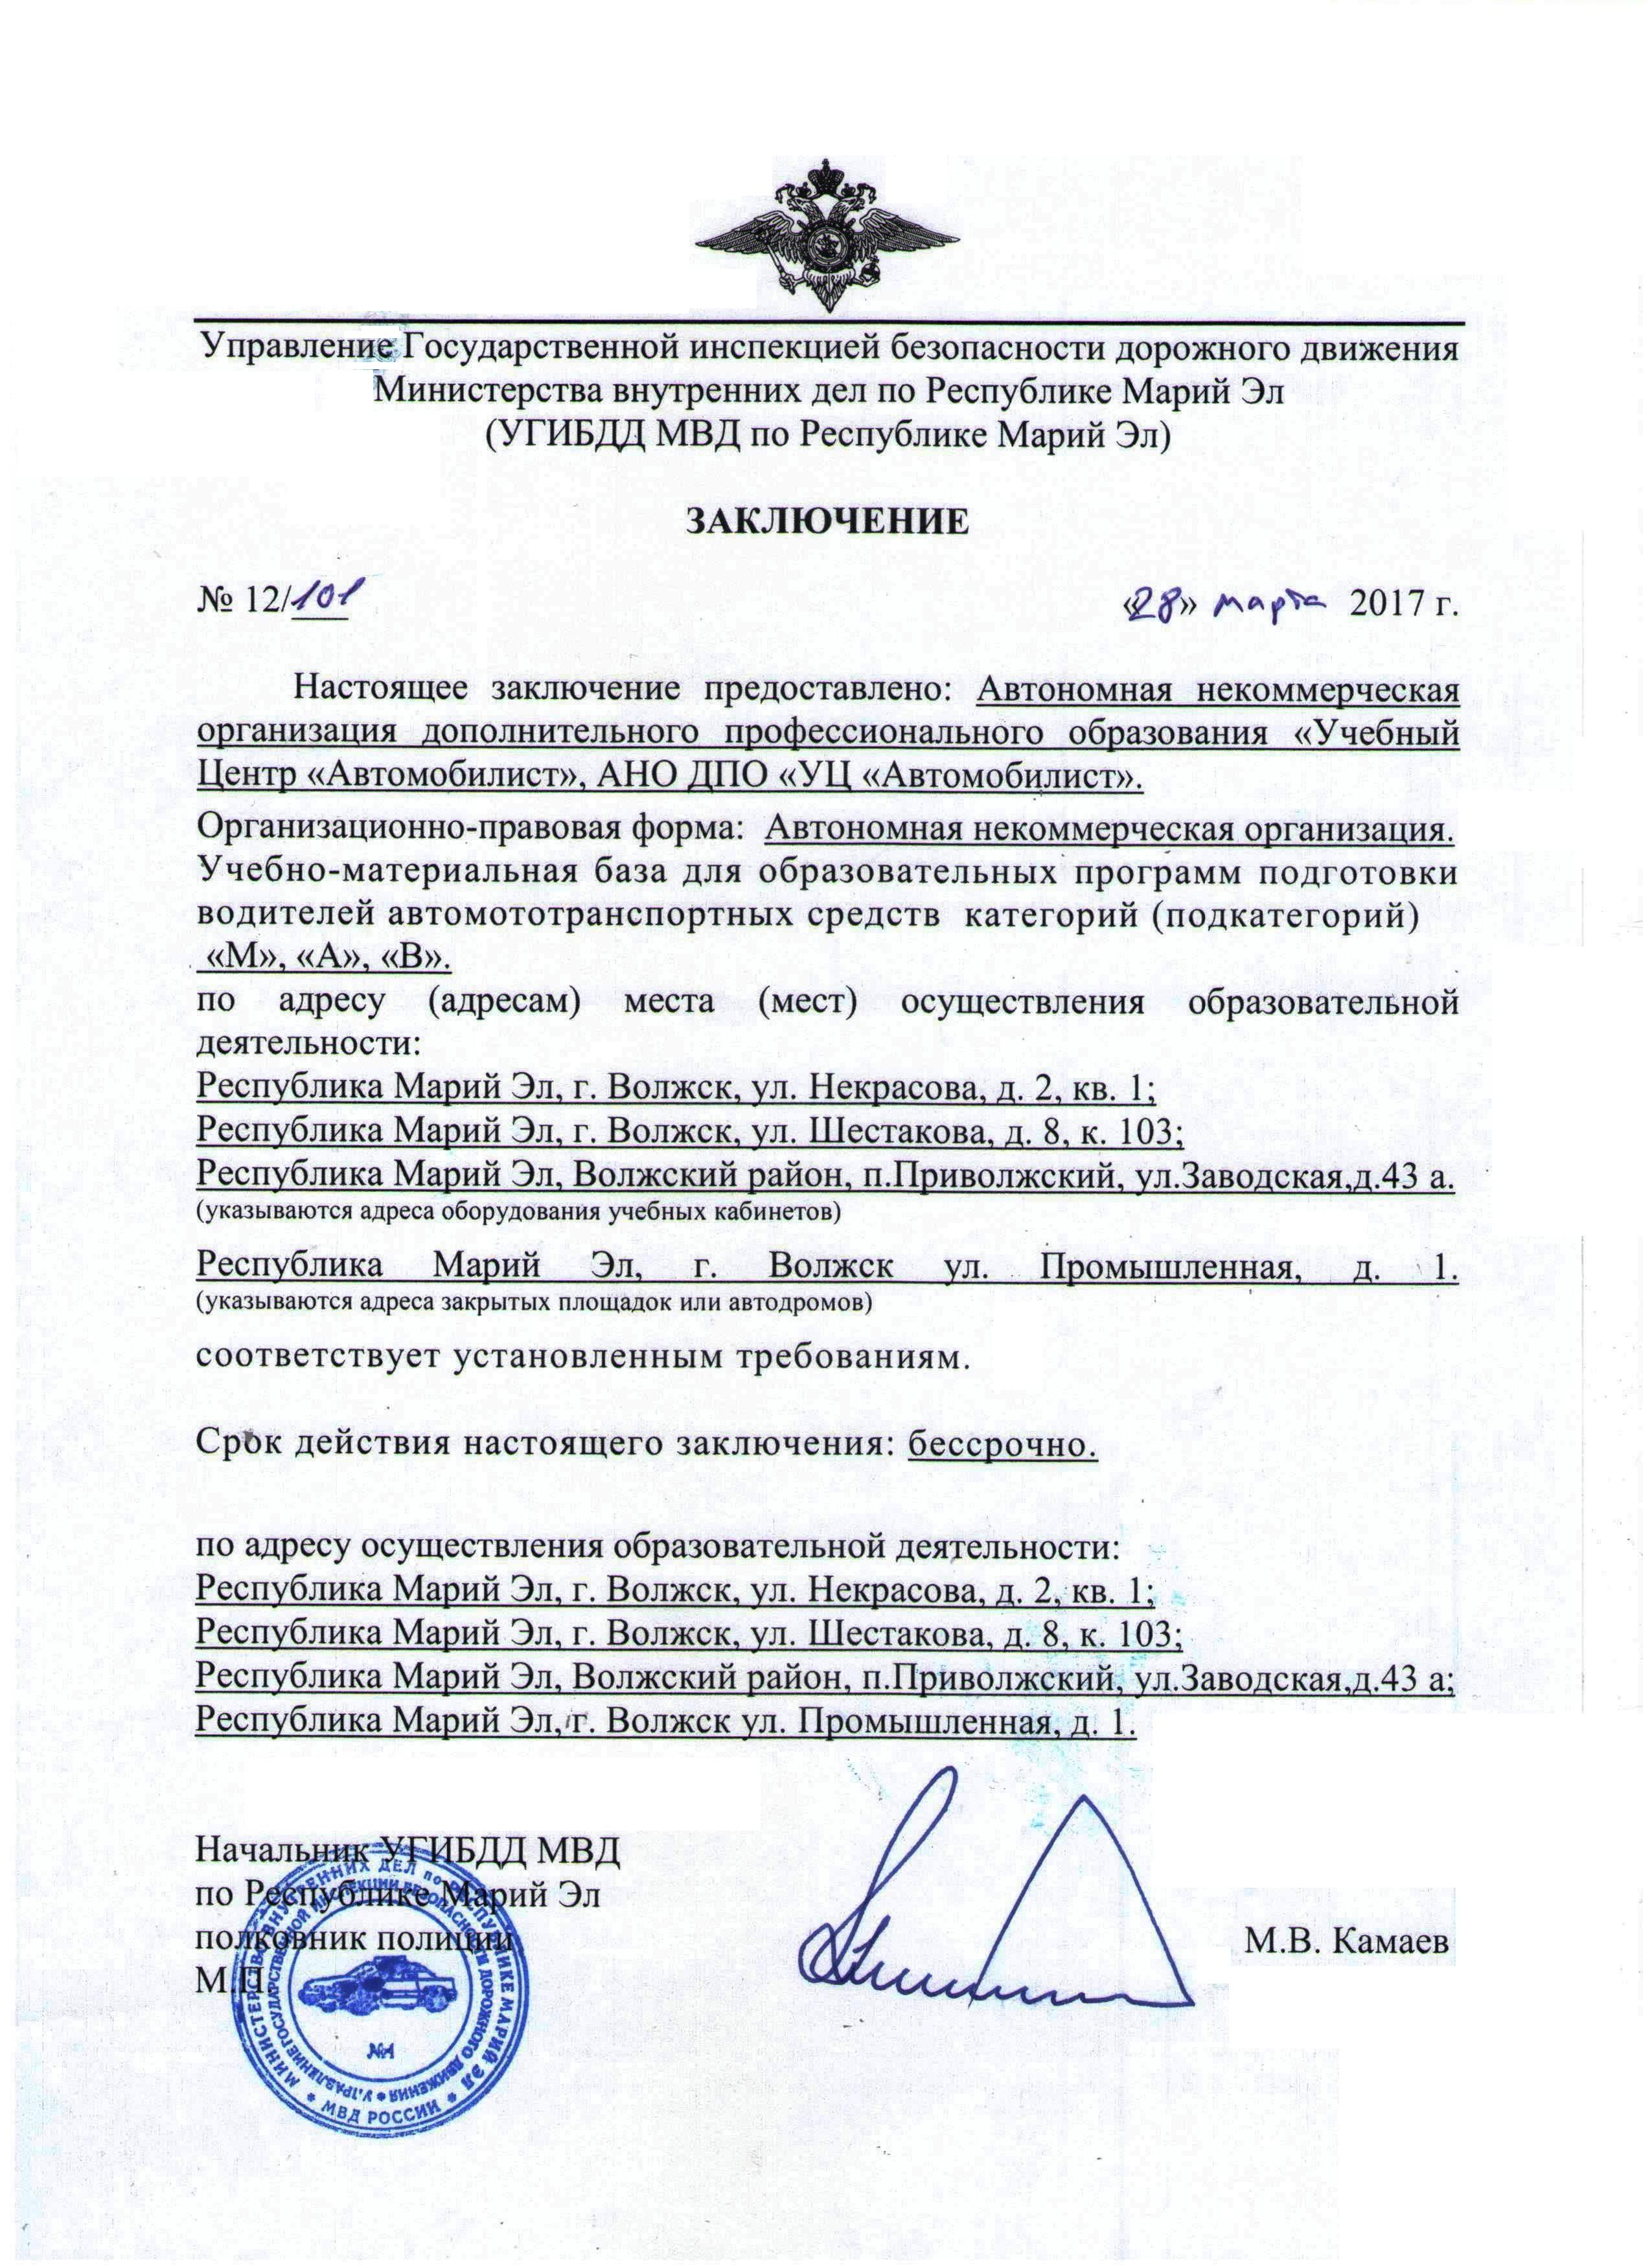 Заключение ГИБДД № 12-101 от 28-03-2017